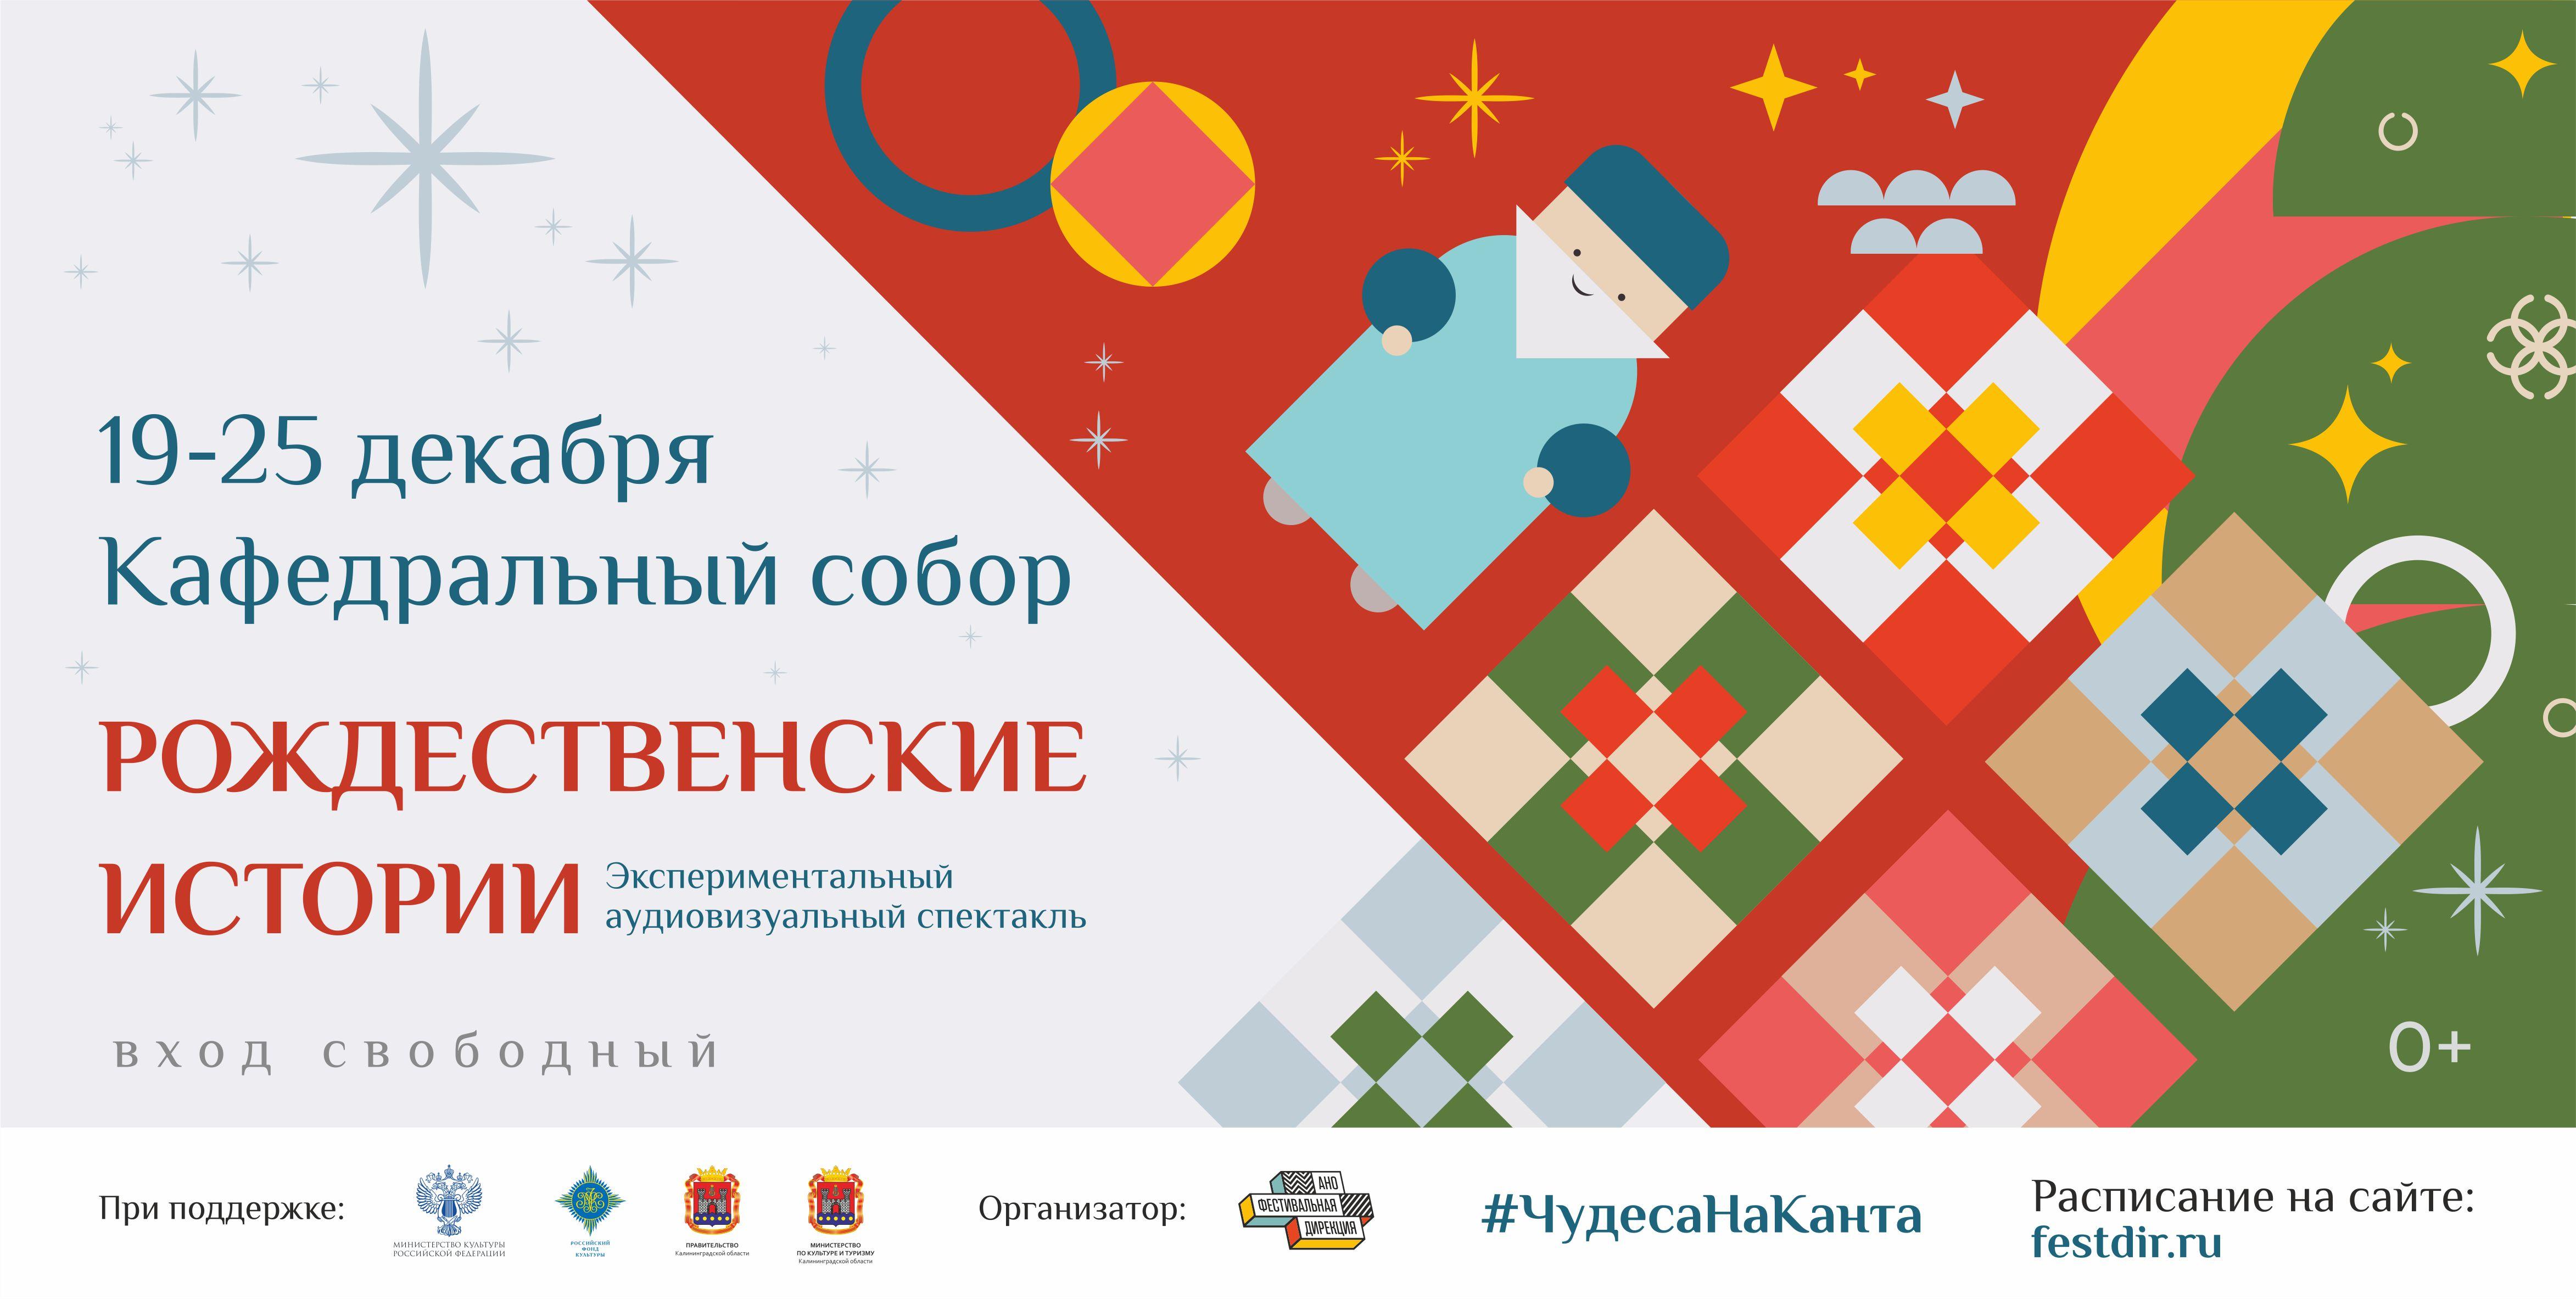 Экспресс в волшебную страну и оживший Щелкунчик: «Рождественские истории» в Кафедральном соборе